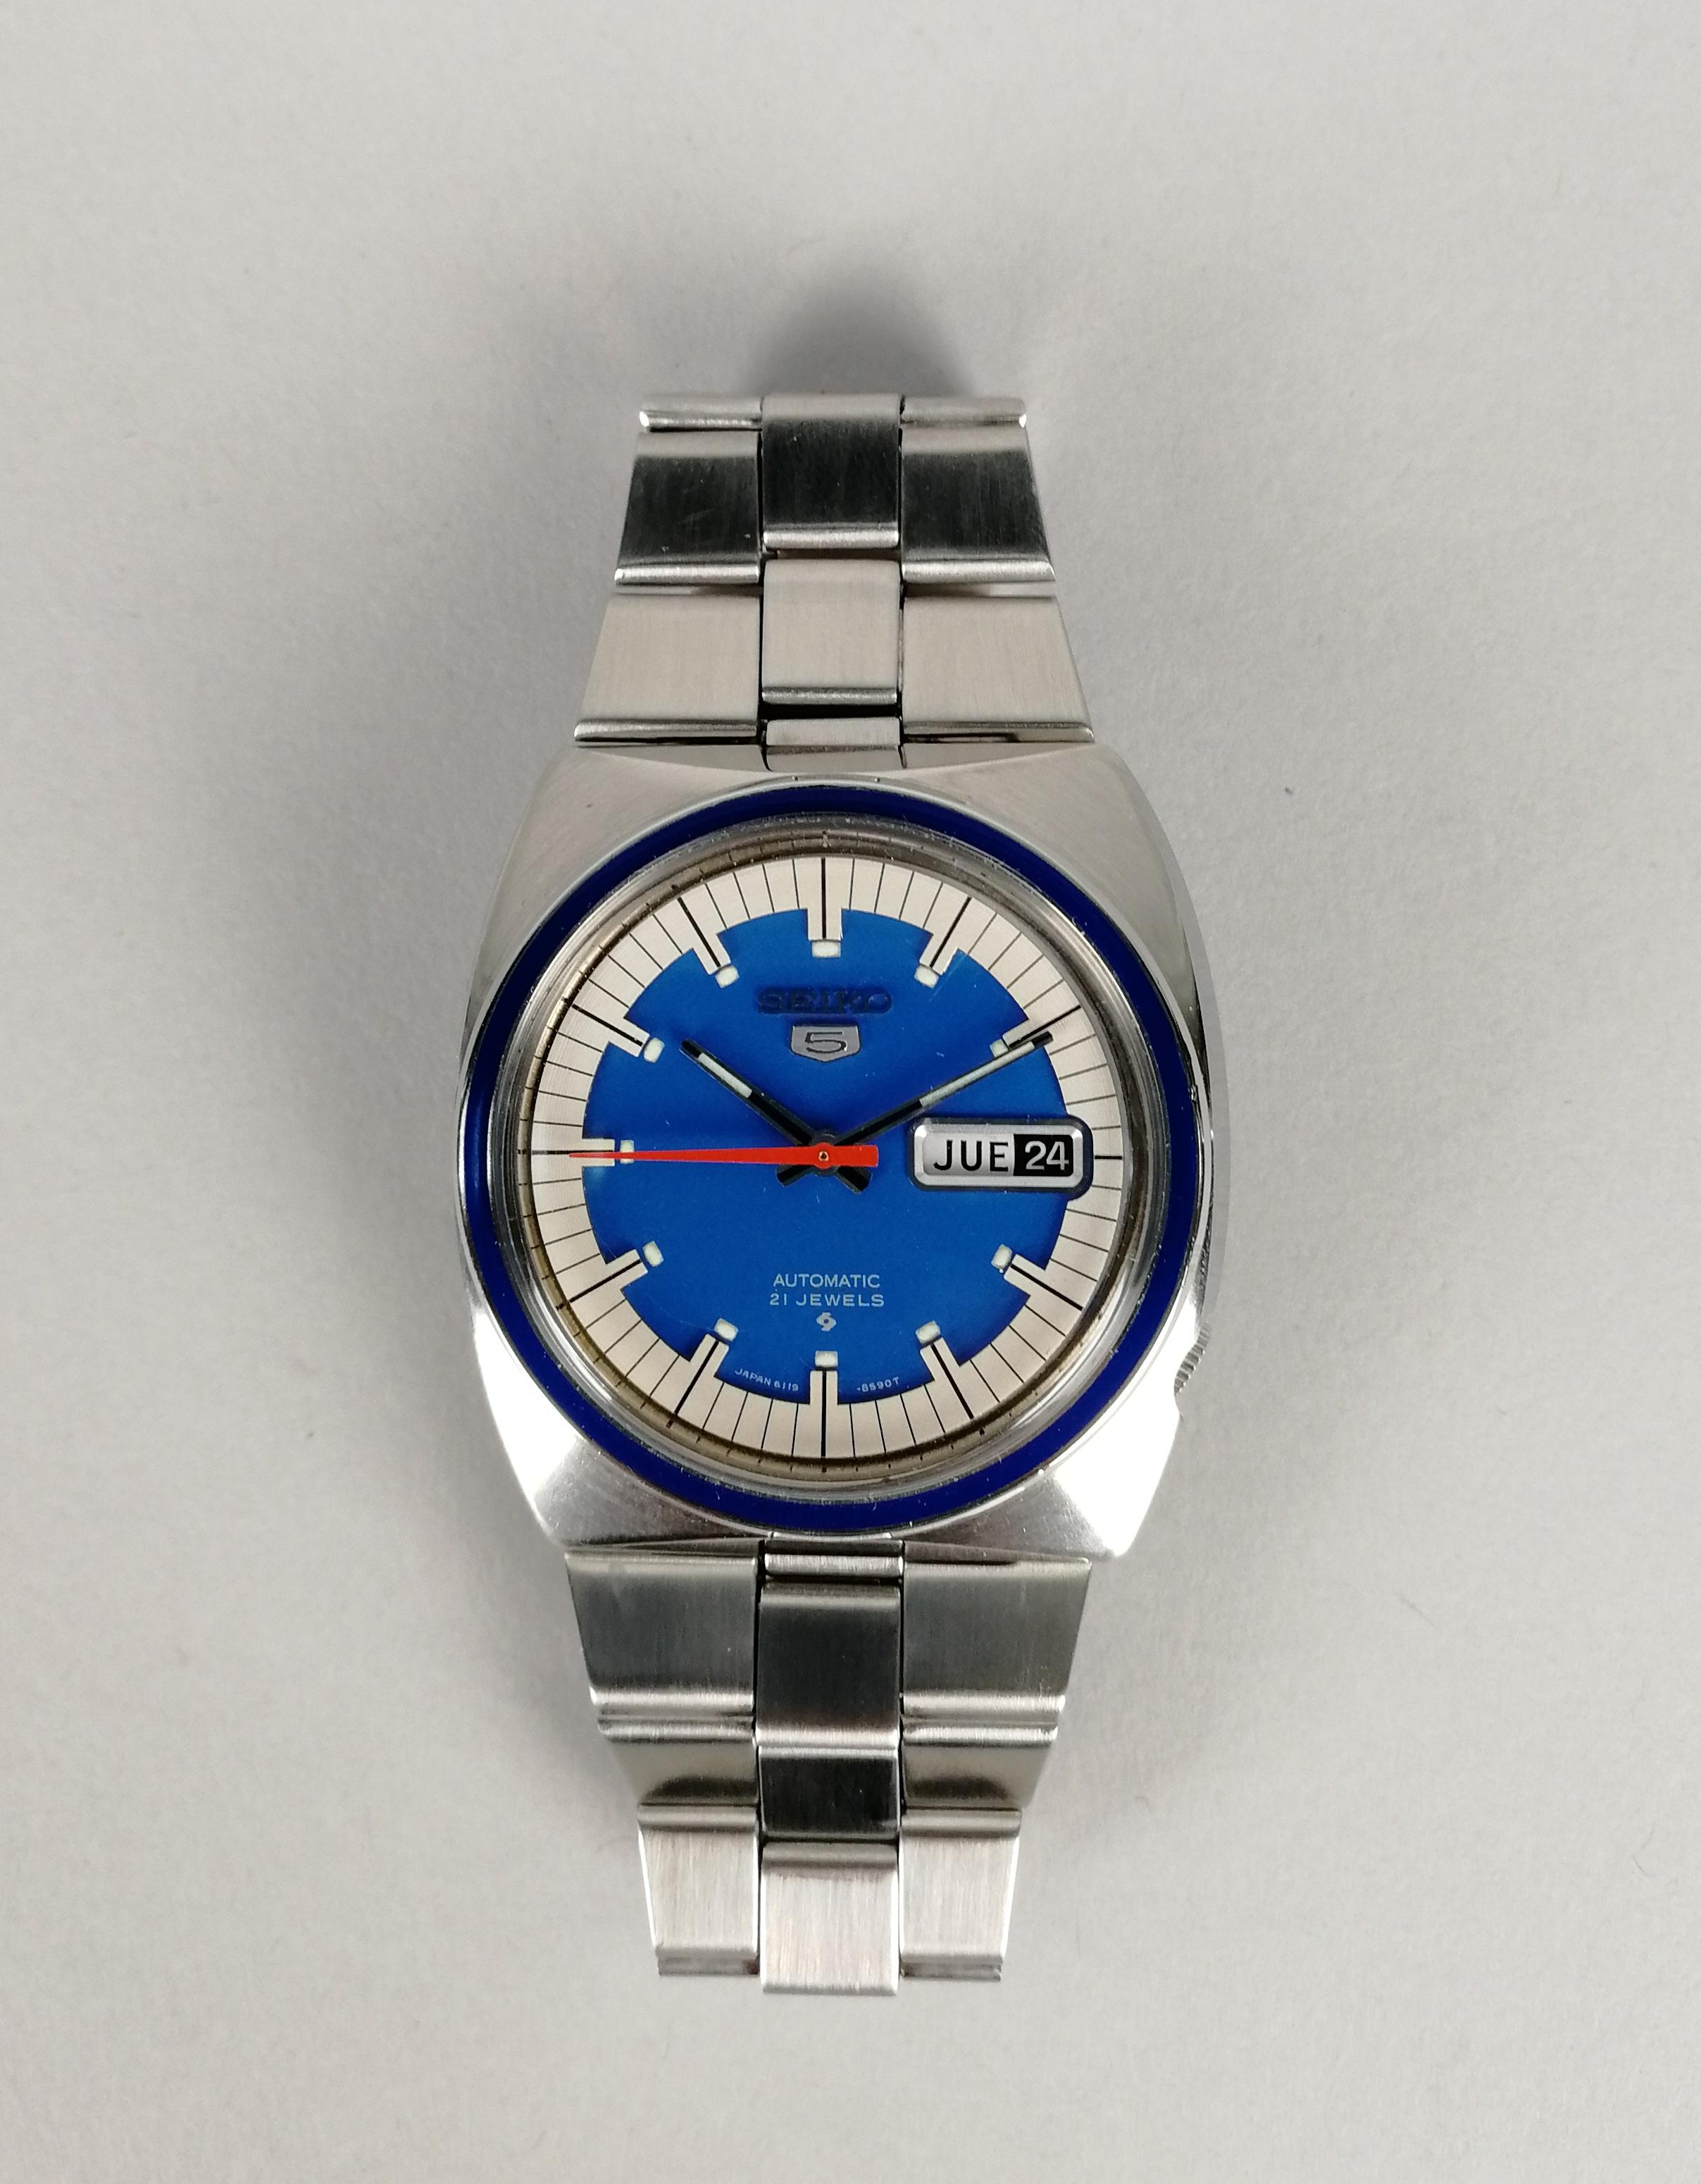 Lot 37 - SEIKO. Orologio unisex automatico in acciaio. Quadrante blu originale. Epoca 1975-'80. Funzionante e